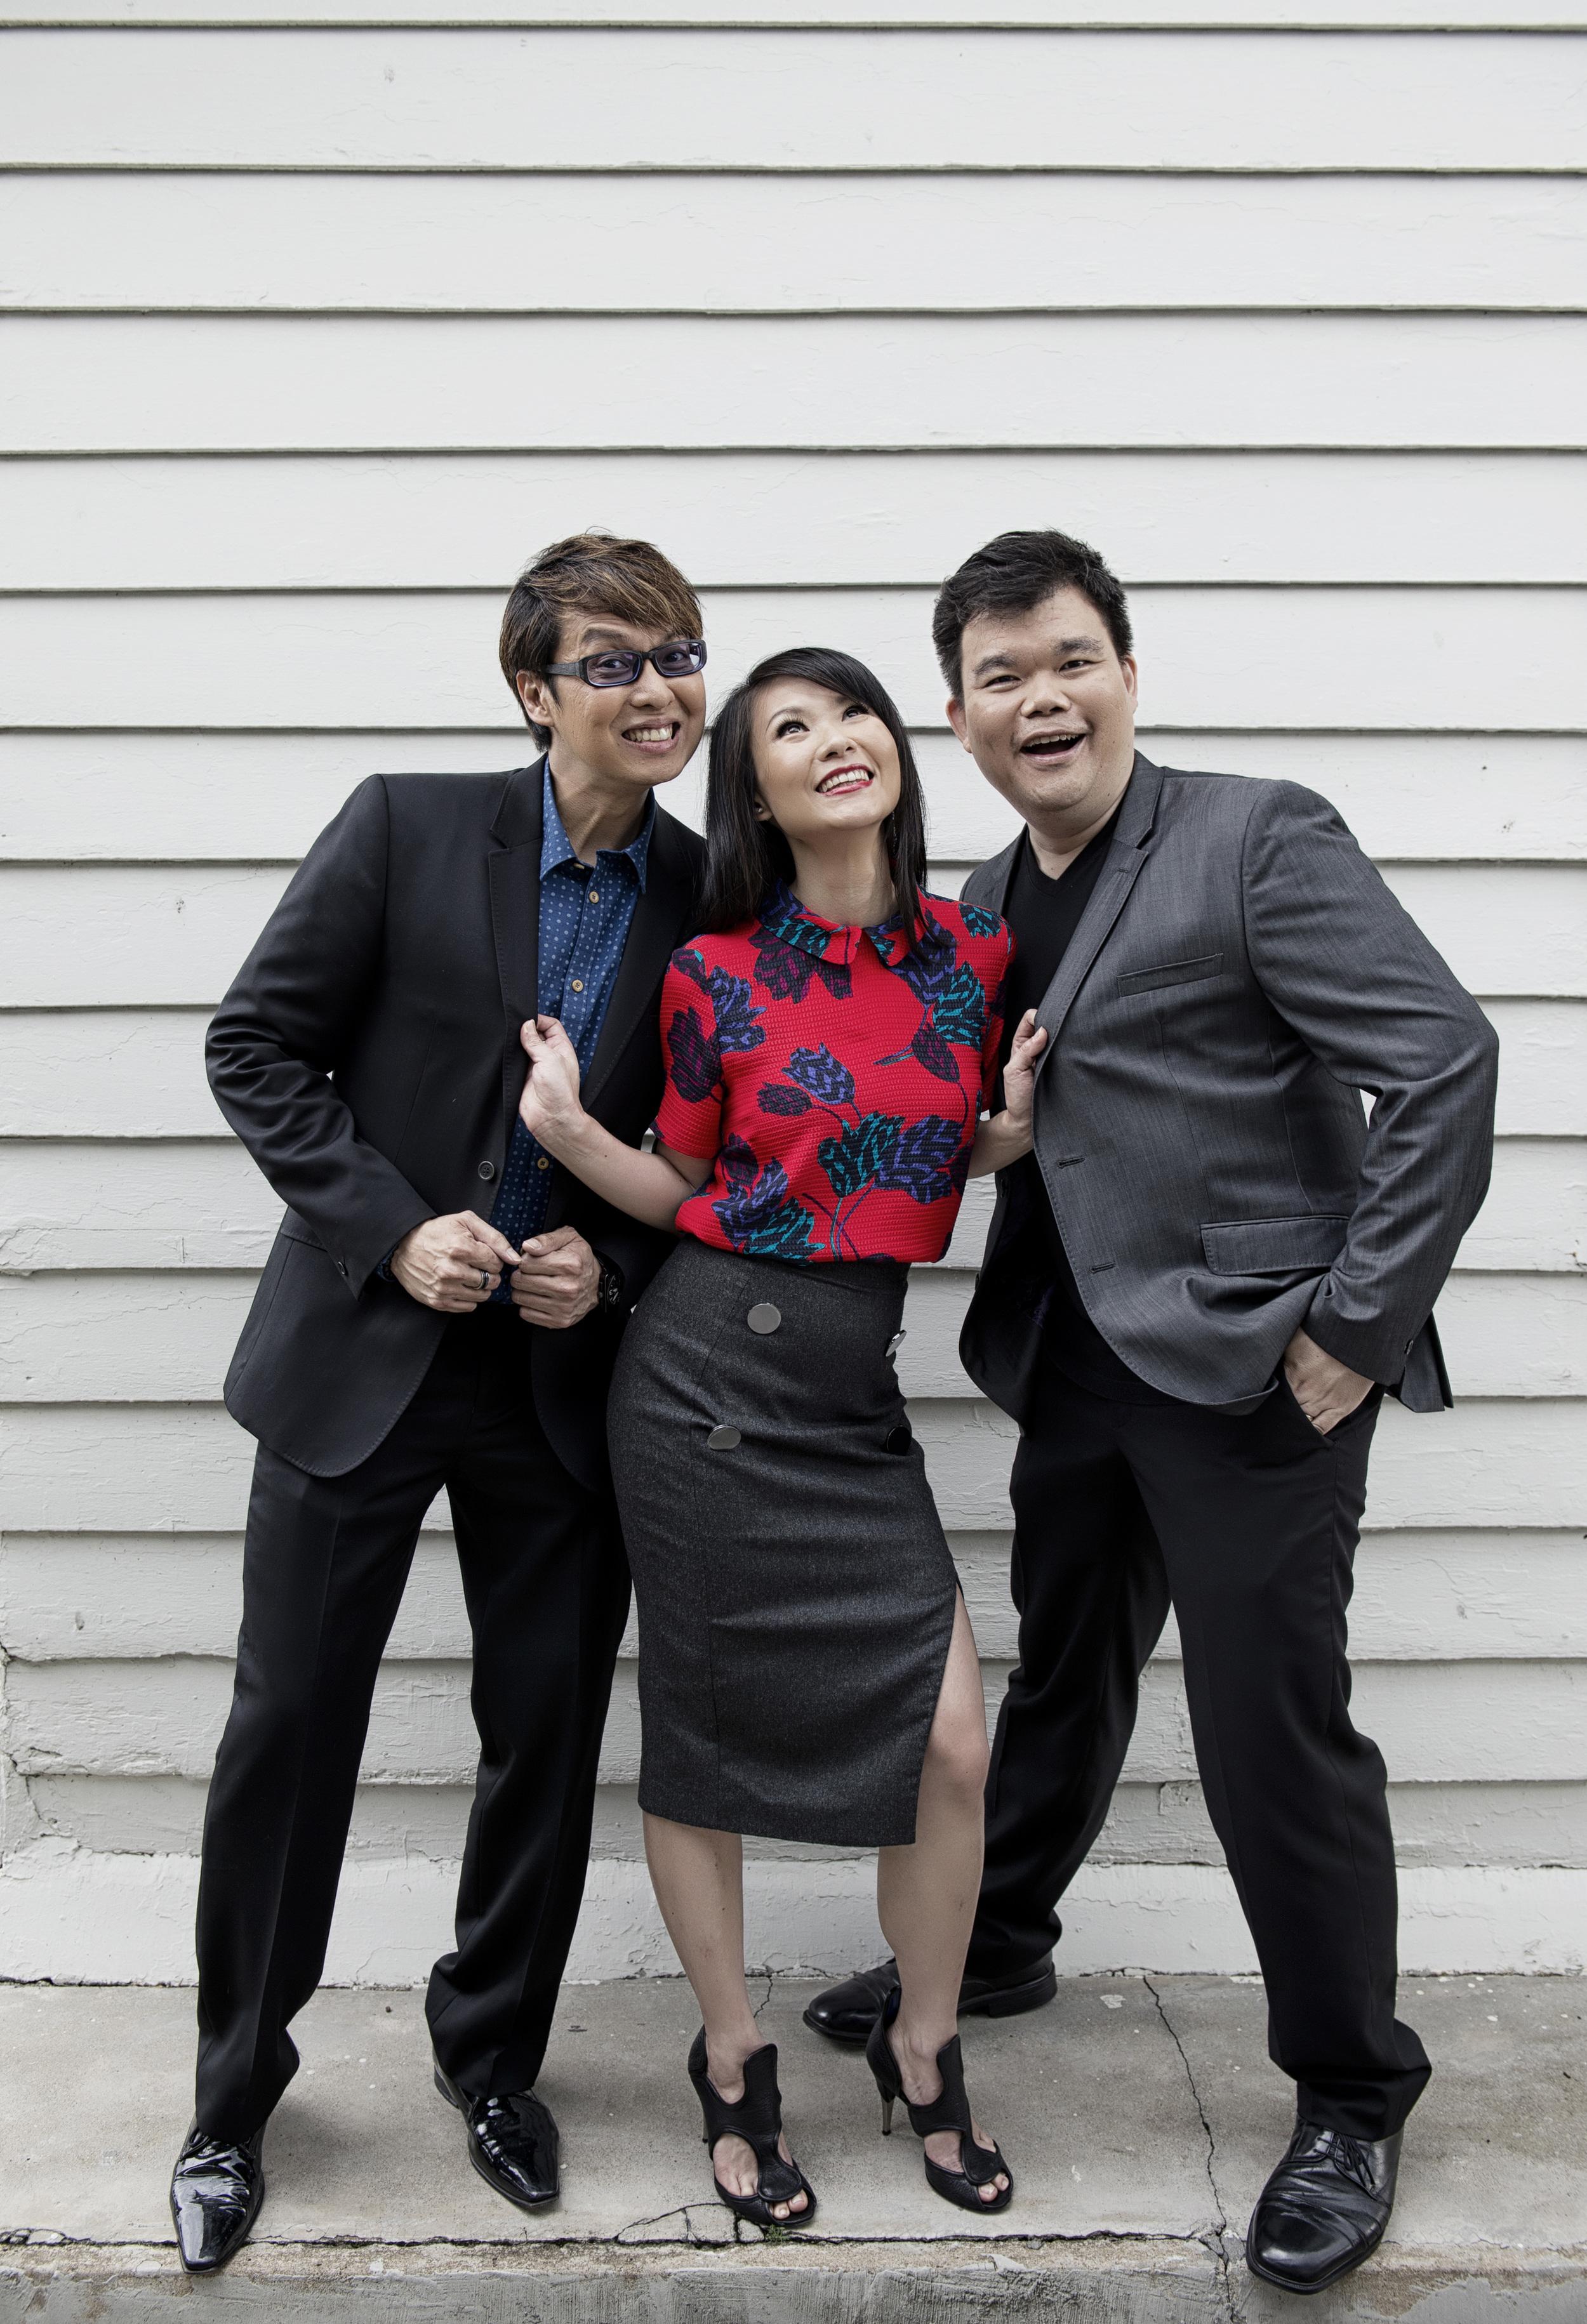 Glenn Ong, Marilyn Lee & Joe Augustine: DJs, Class 95FM